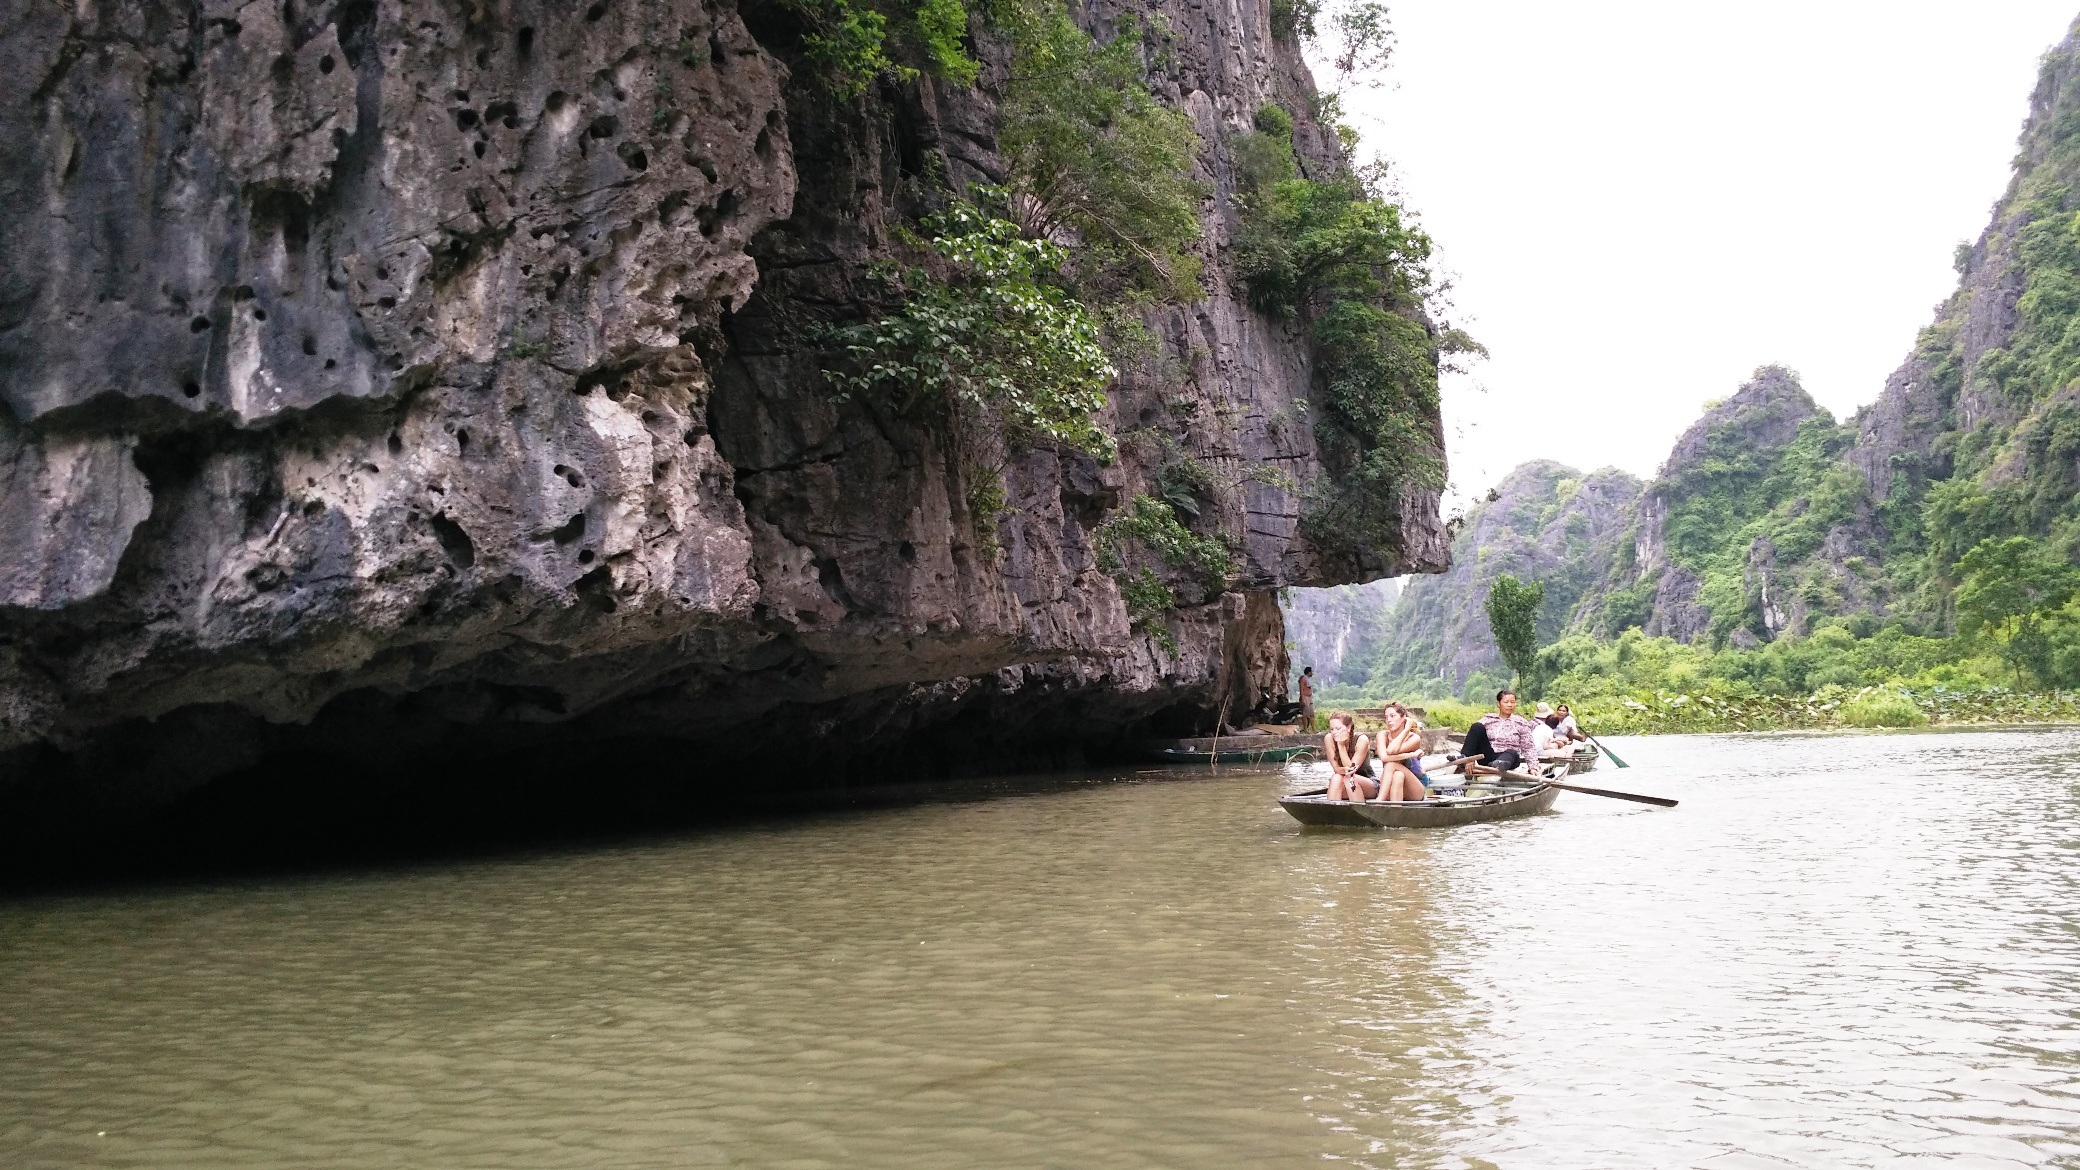 Nhiều du khách nước ngoài tìm đến chiêm ngắm vẻ đẹp hoang sơ, tự nhiên nơi đây